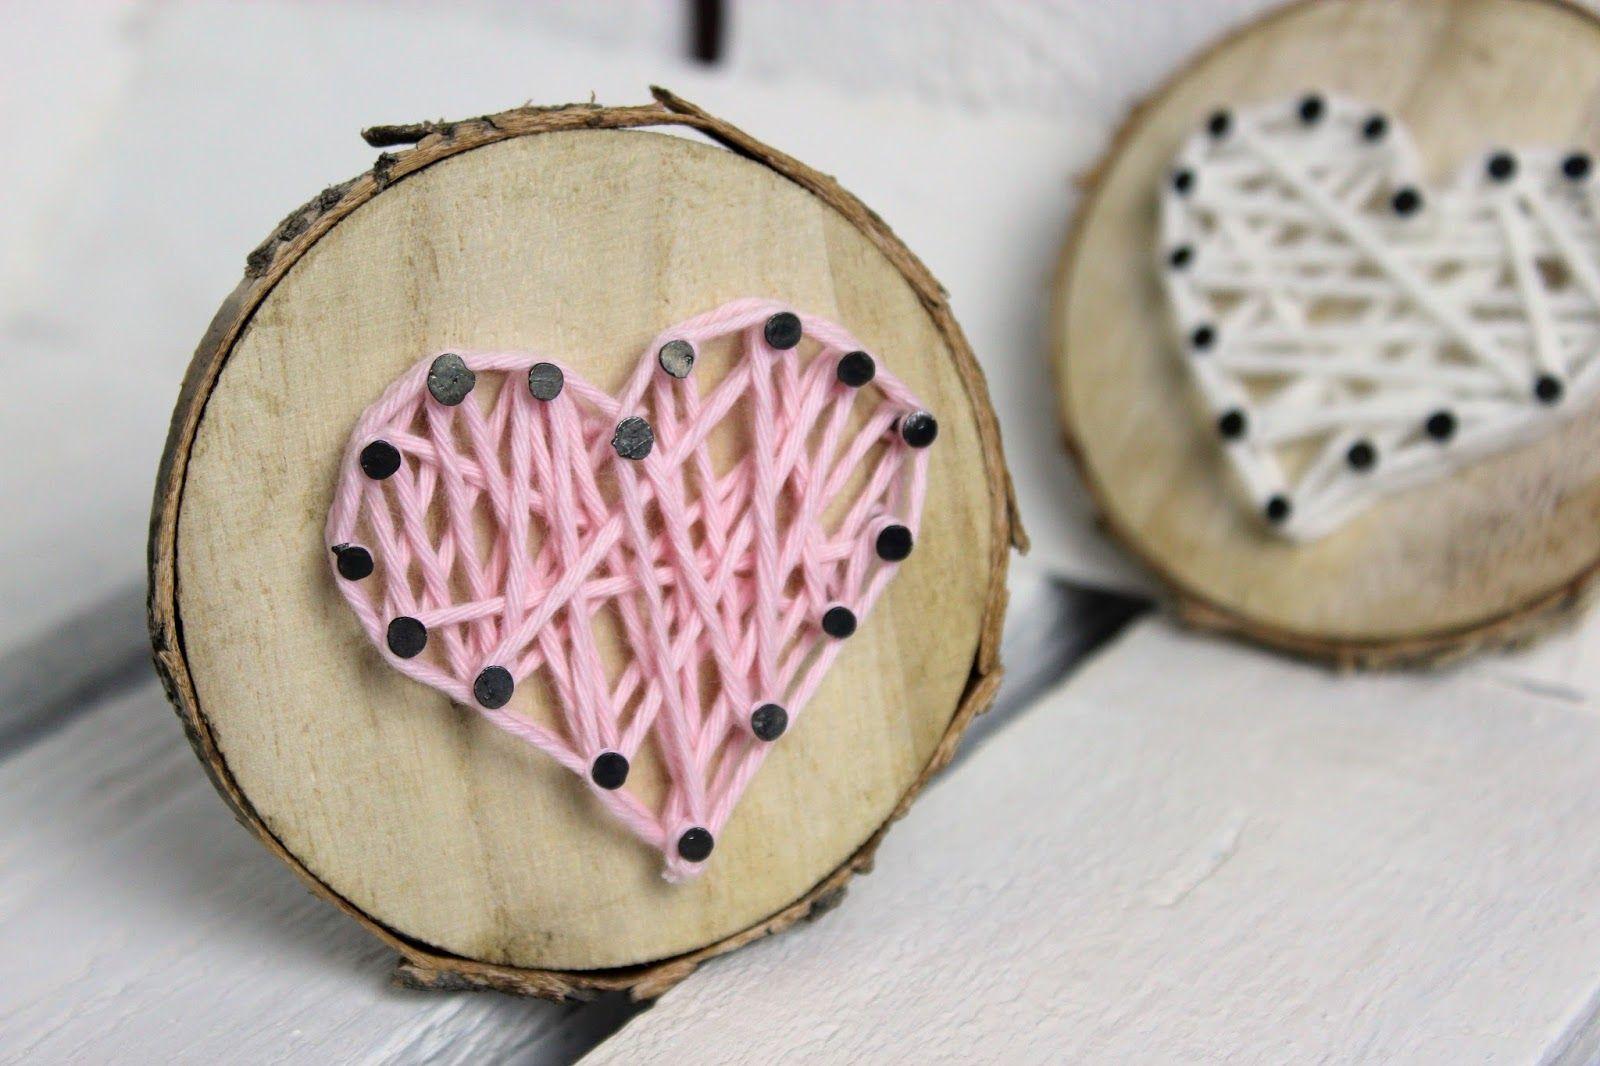 diy s es geschenk zum valentinstag baumscheibe mit herz in string art oma tag pinterest. Black Bedroom Furniture Sets. Home Design Ideas